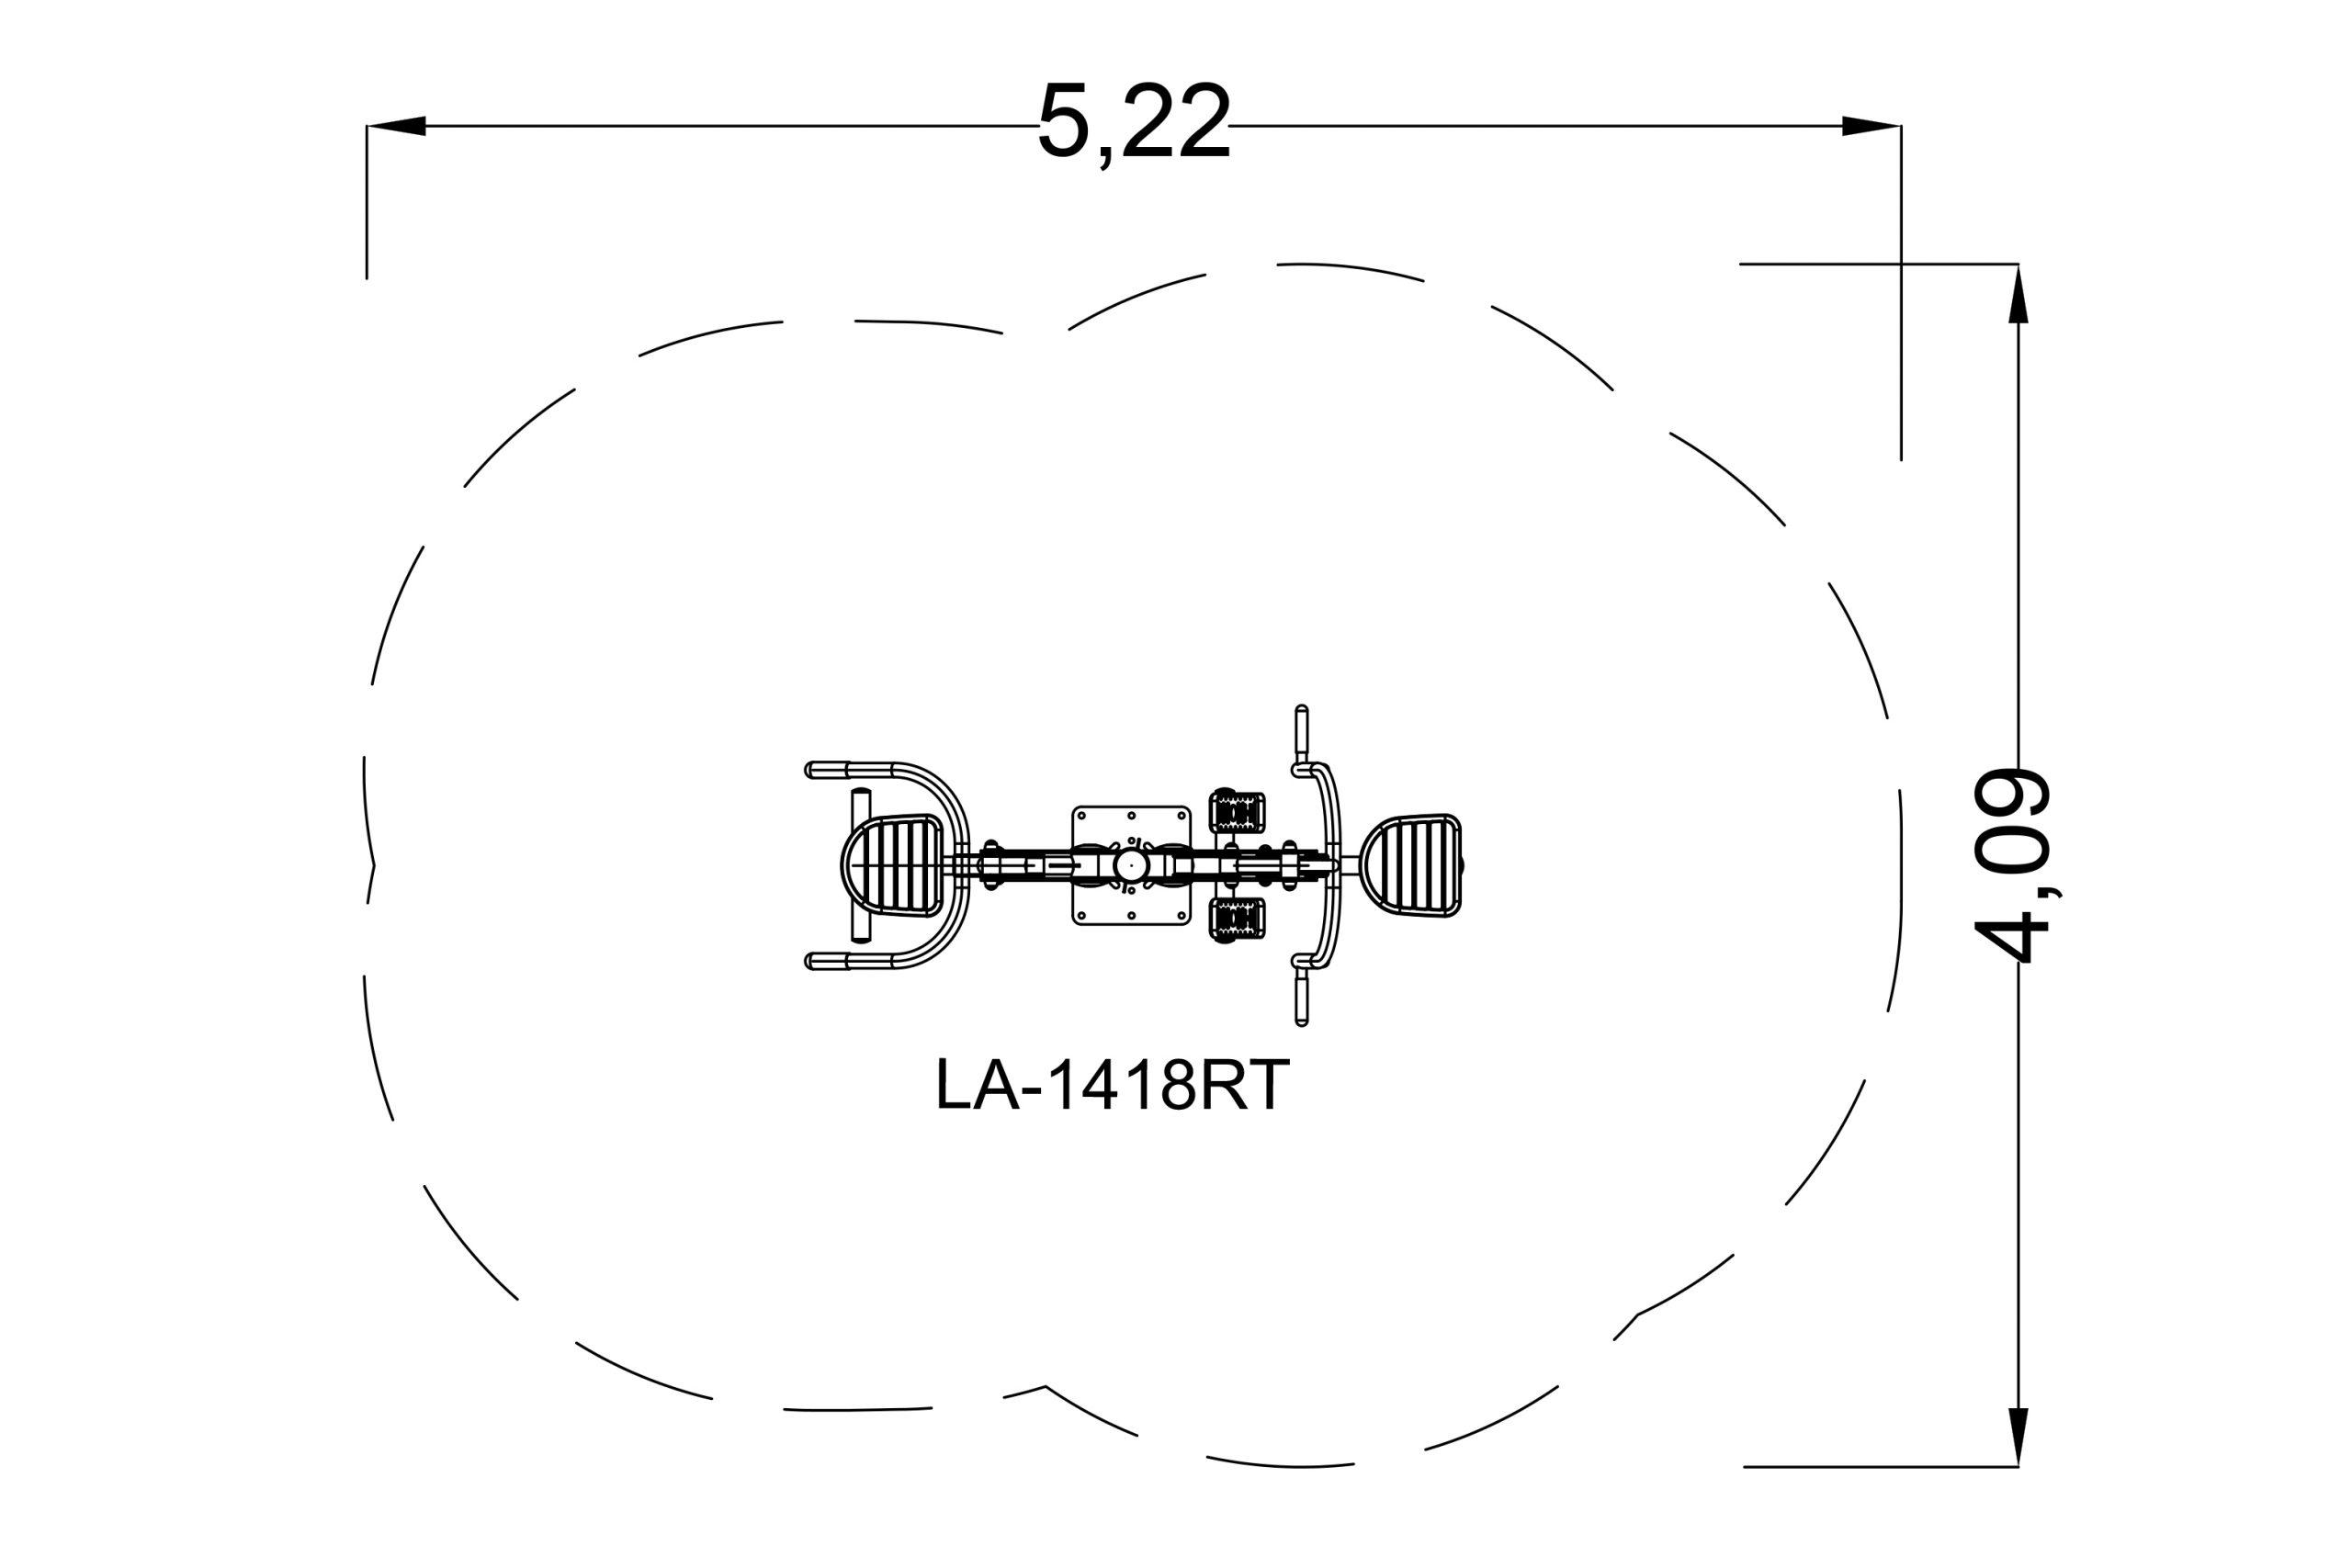 חתירה בתמיכת חזה משולב טרייספס אחורית - מרווח בטיחות